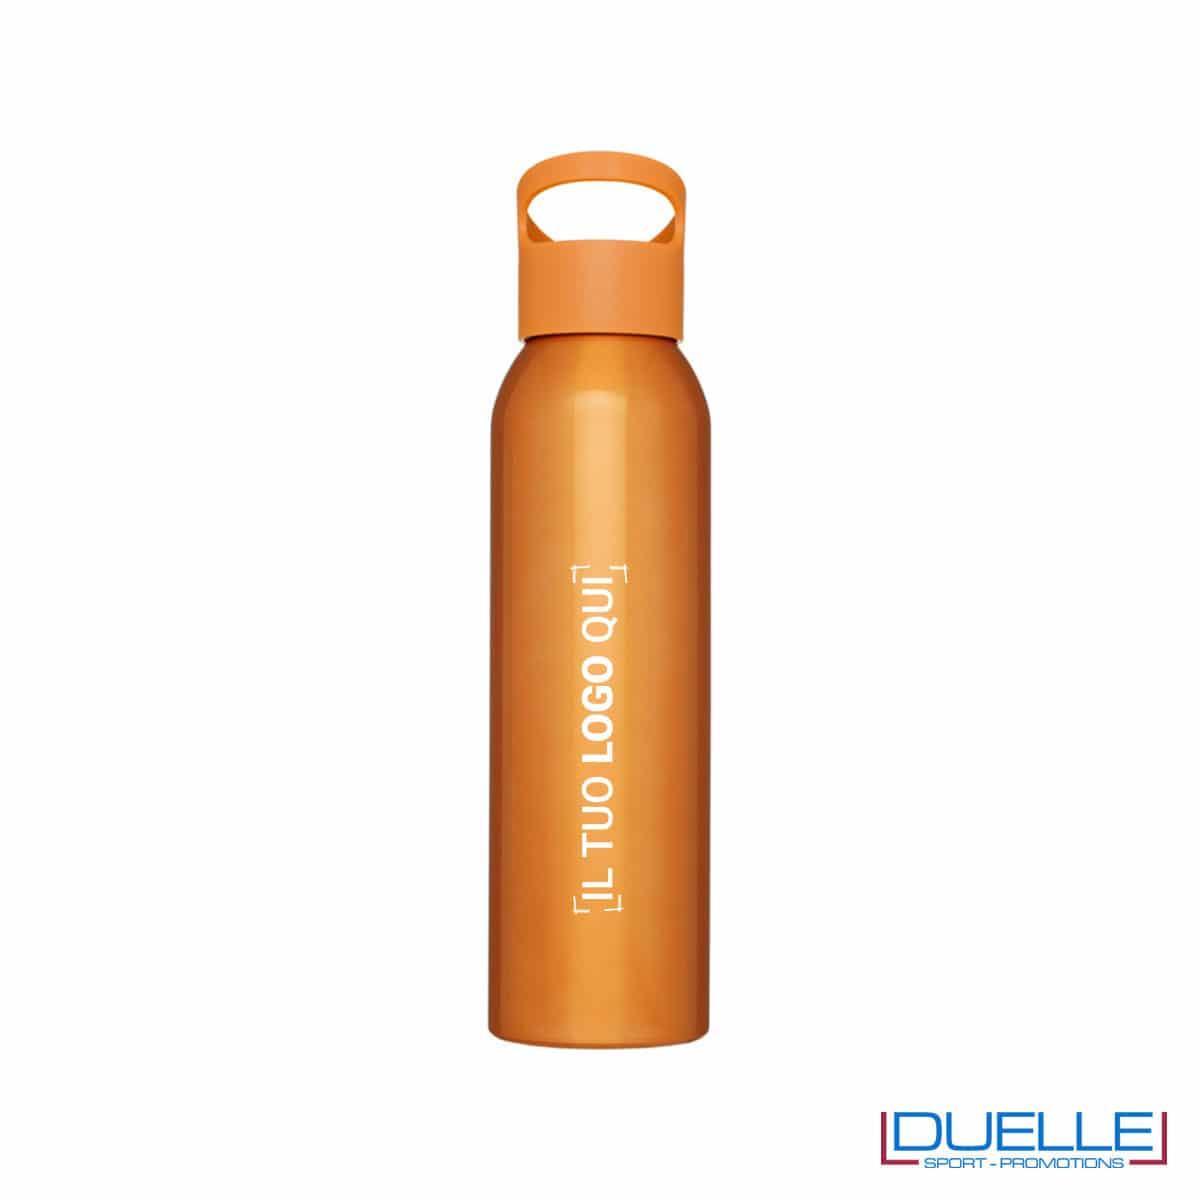 Borraccia alluminio colore arancione con tappo in plastica personalizzata